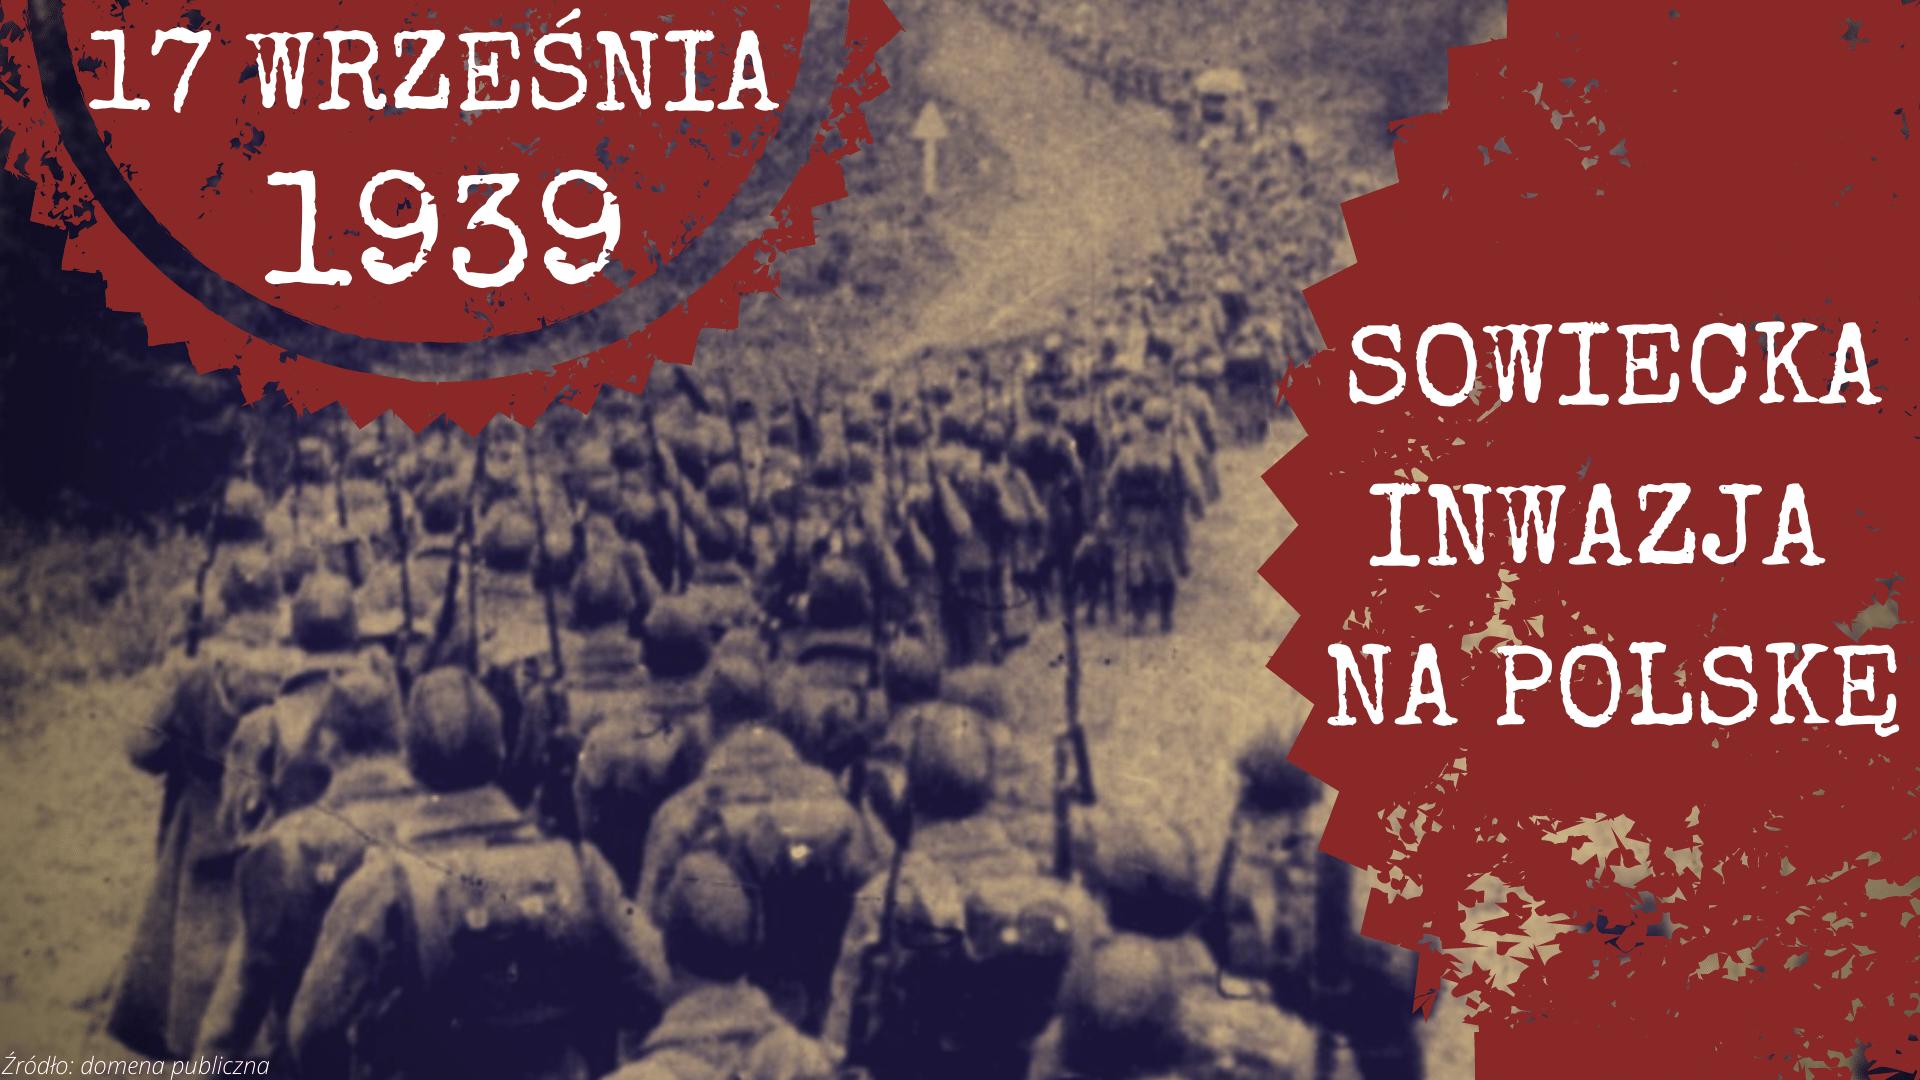 Plakat informujący o napaści ZSRR na Polskę 17 września 1939 roku.